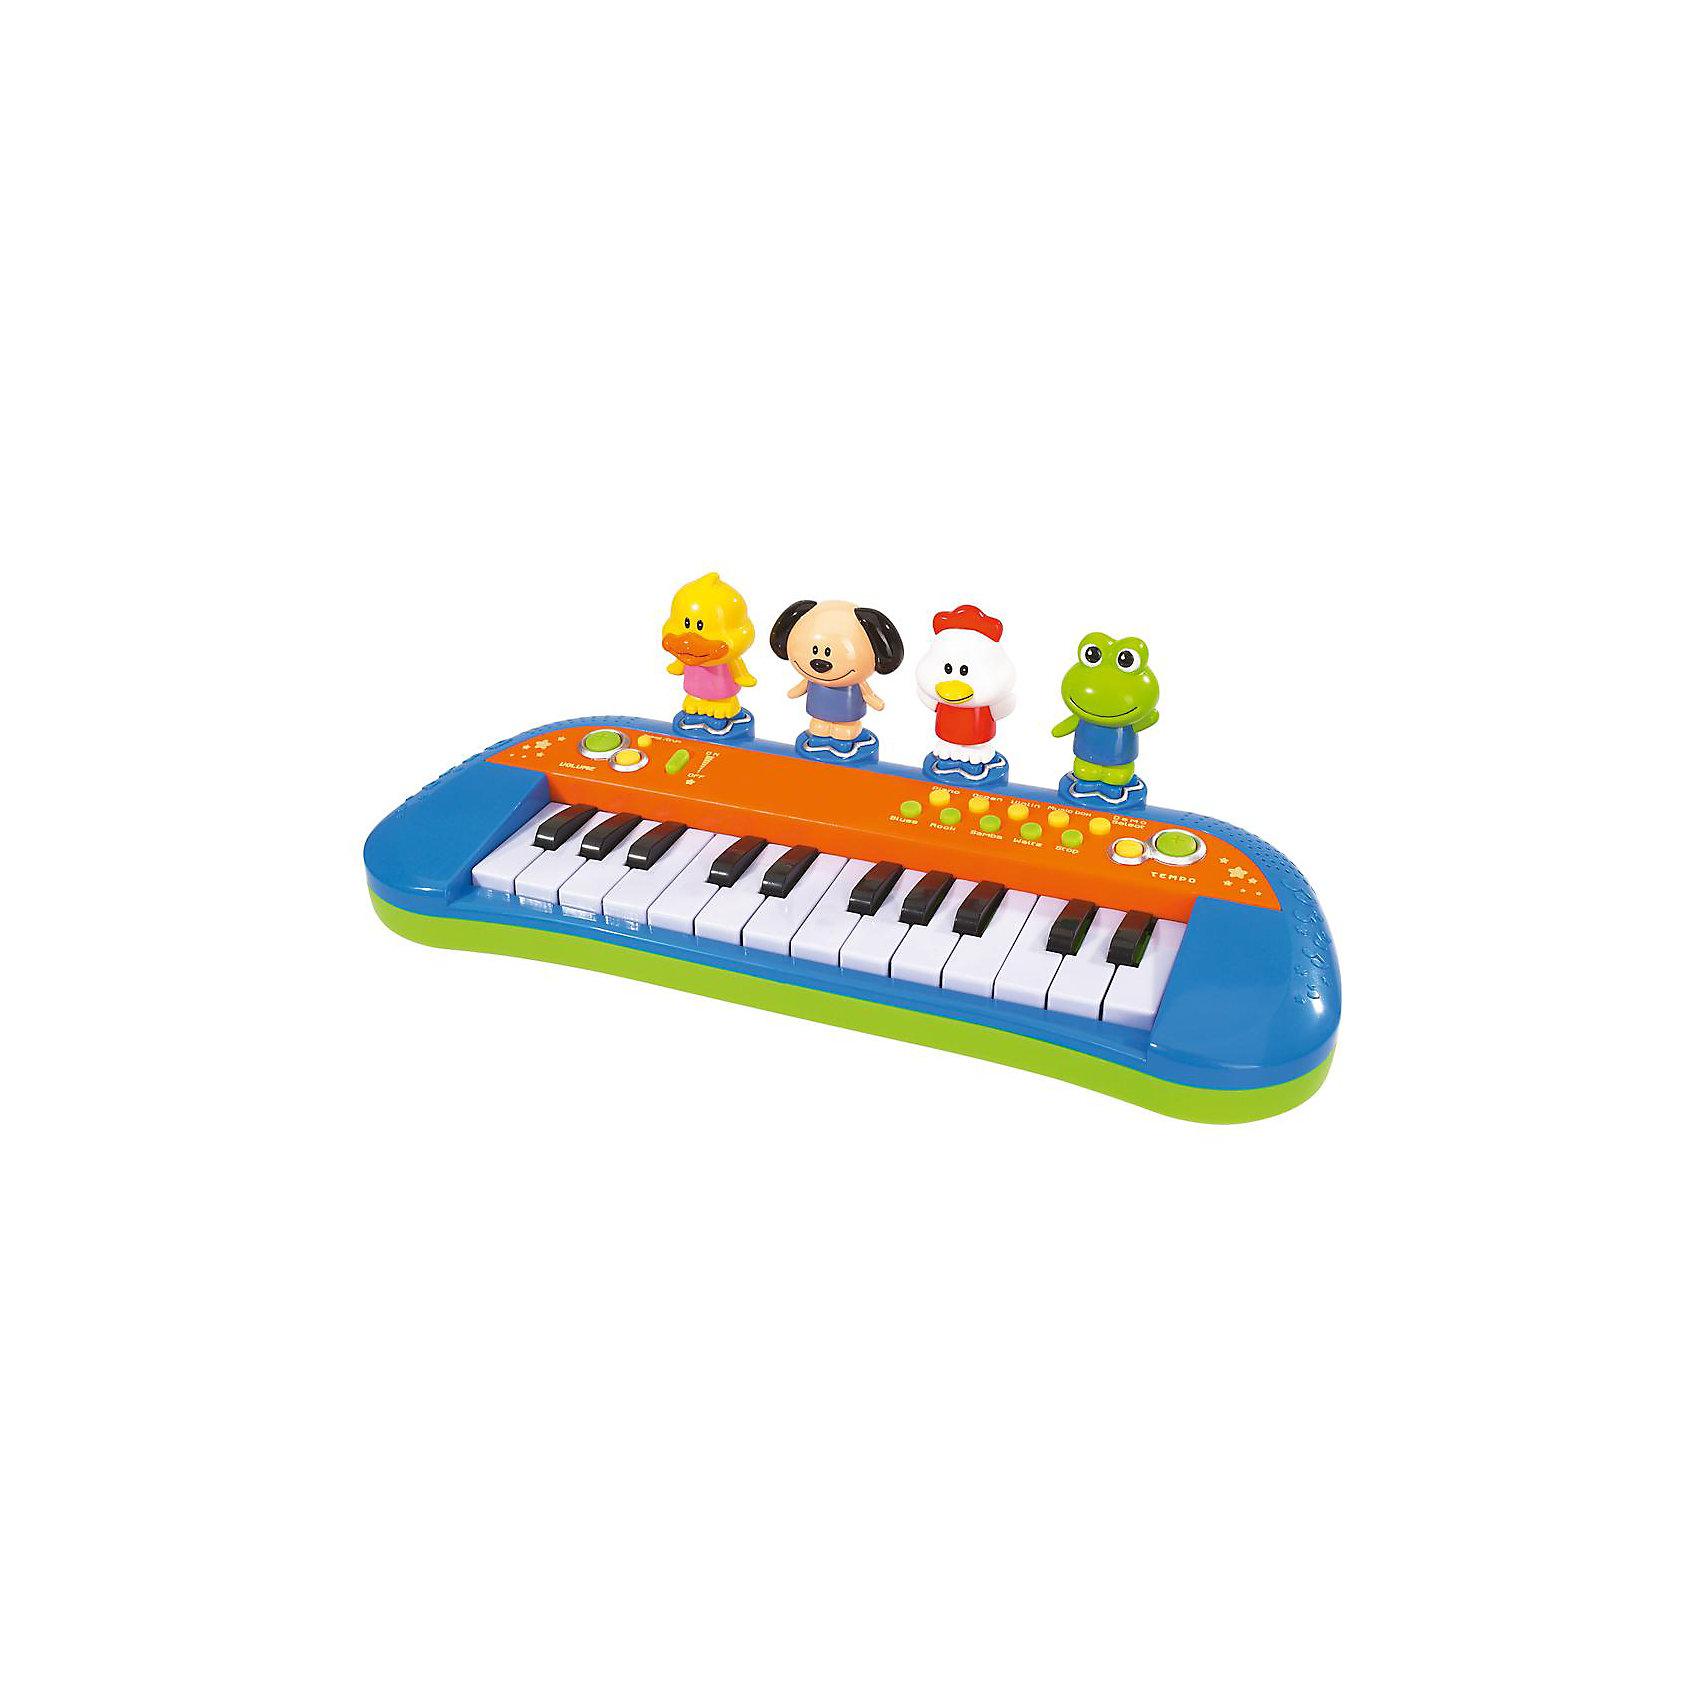 Пианино Веселая ферма, SimbaМузыкальные инструменты и игрушки<br>Развивающая игрушка Пианино Веселая ферма, Simba (Симба) поможет малышу сыграть первую мелодию благодарным слушателям. Пианино Веселая ферма будет замечательным и нужным подарком для ребенка, который очень любит музыку.<br><br>Пианино имеет 14 белых и 10 черных клавиш, а также кнопки, позволяющие выбирать ритм, тон и звуки, что даст возможность ребенку проявить фантазию и сыграть оригинальную музыку собственного сочинения. Можно выбрать быстрый или медленный темп, а также один из стилей и инструментов (вальс, самба, блюз, рок, пианино, орган, виолончель), регулировать темп и уровень громкости. Позади кнопок стоят 4 зверушки – утка, собака, курица и лягушка. Каждая из них обладает своим природным голосом и может добавить красок в мелодии, создаваемые ребенком.<br><br>Дополнительна информация:<br><br>-Длина пианино 34 см<br>-Для работы игрушки требуются батарейки 3хААА (есть в комплекте)<br>-Материалы: пластмасса<br><br>С этой игрушкой ваш малыш почувствует себя настоящим композитором, ведь Пианино Веселая ферма-это настоящий детский синтезатор с множеством возможностей и разнообразными функциями.<br><br>Пианино Веселая ферма, Simba (Симба) можно купить в нашем магазине.<br><br>Ширина мм: 335<br>Глубина мм: 145<br>Высота мм: 115<br>Вес г: 636<br>Возраст от месяцев: 12<br>Возраст до месяцев: 36<br>Пол: Унисекс<br>Возраст: Детский<br>SKU: 1612572